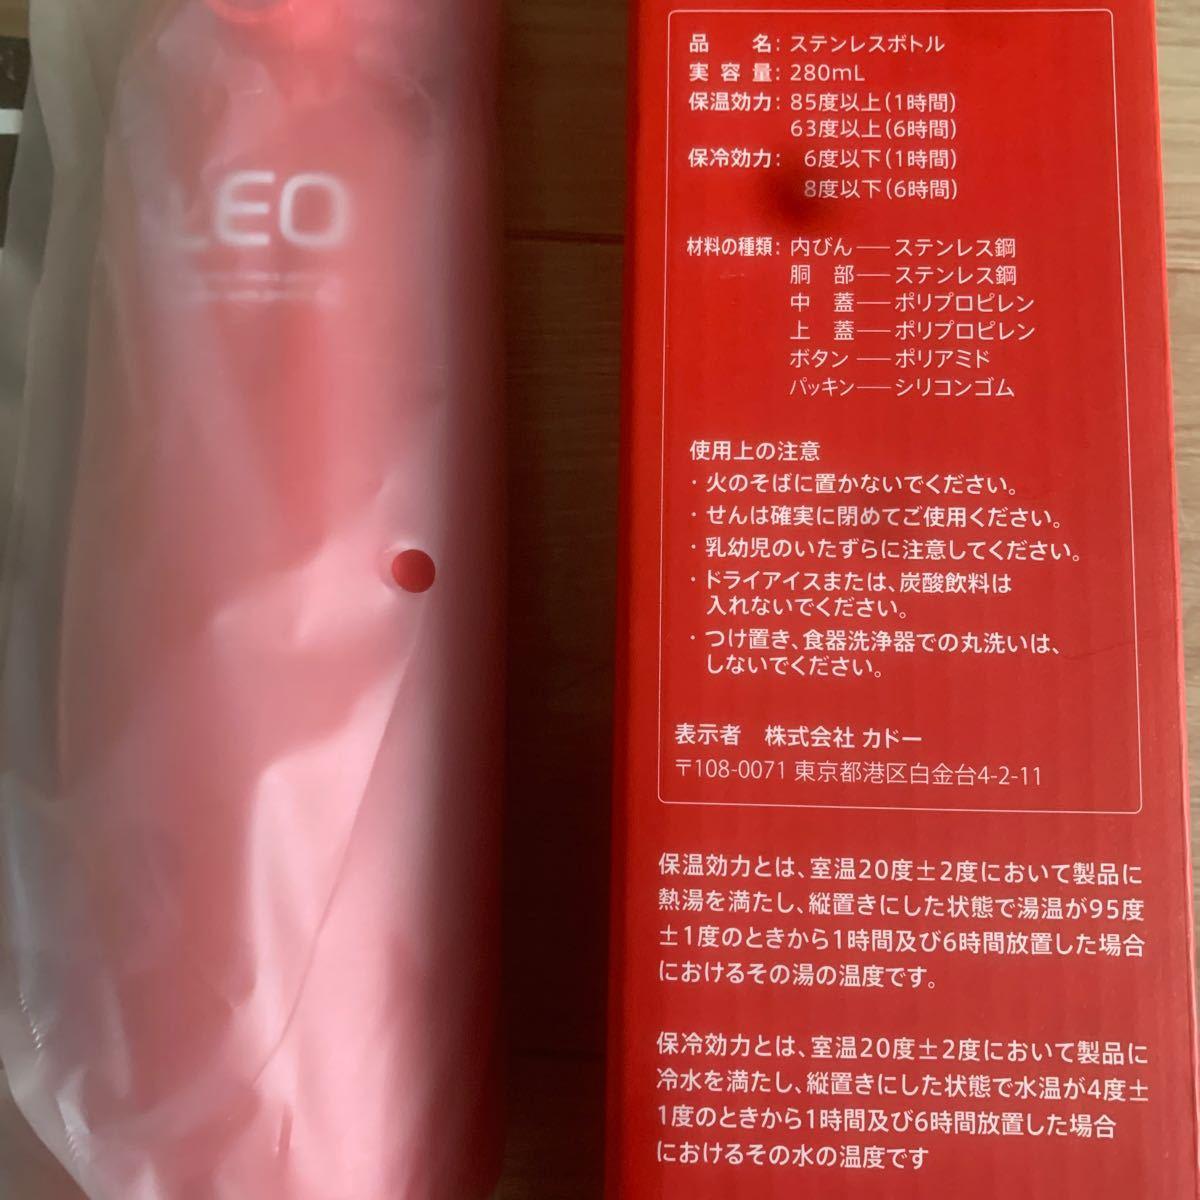 ステンレスボトル LEO 福袋 280ml